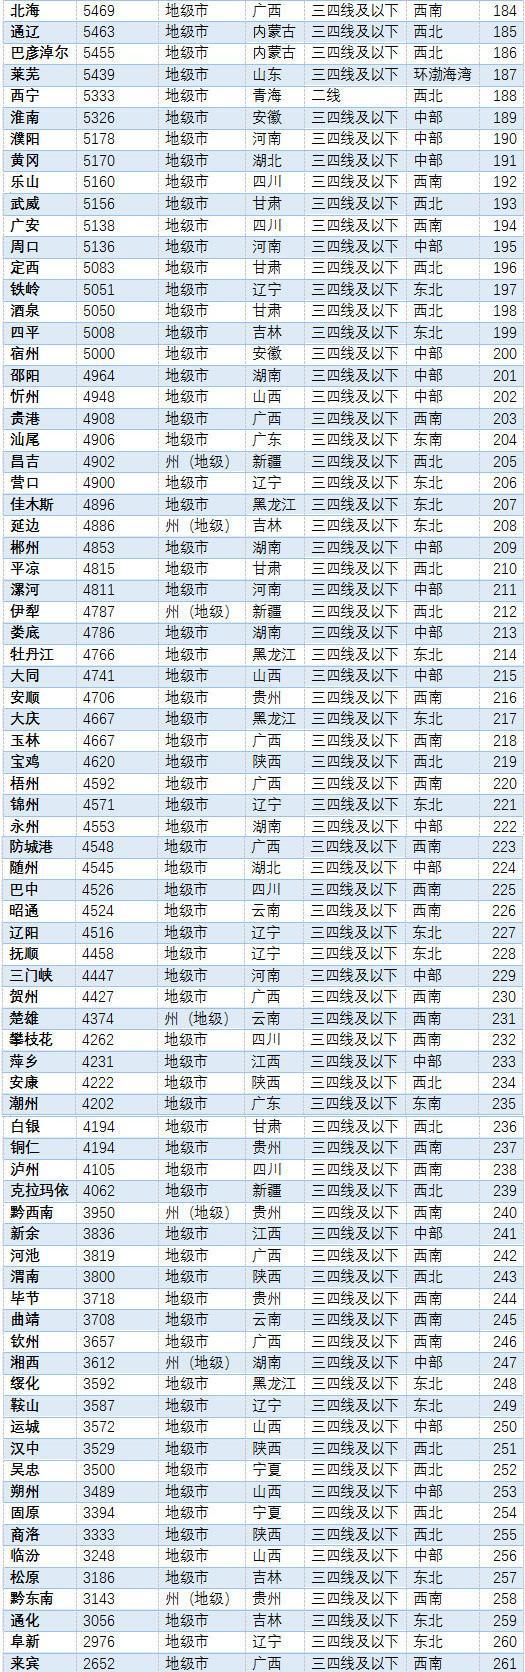 2017年12月厦门二手房房价39723元/㎡ 居全国第五